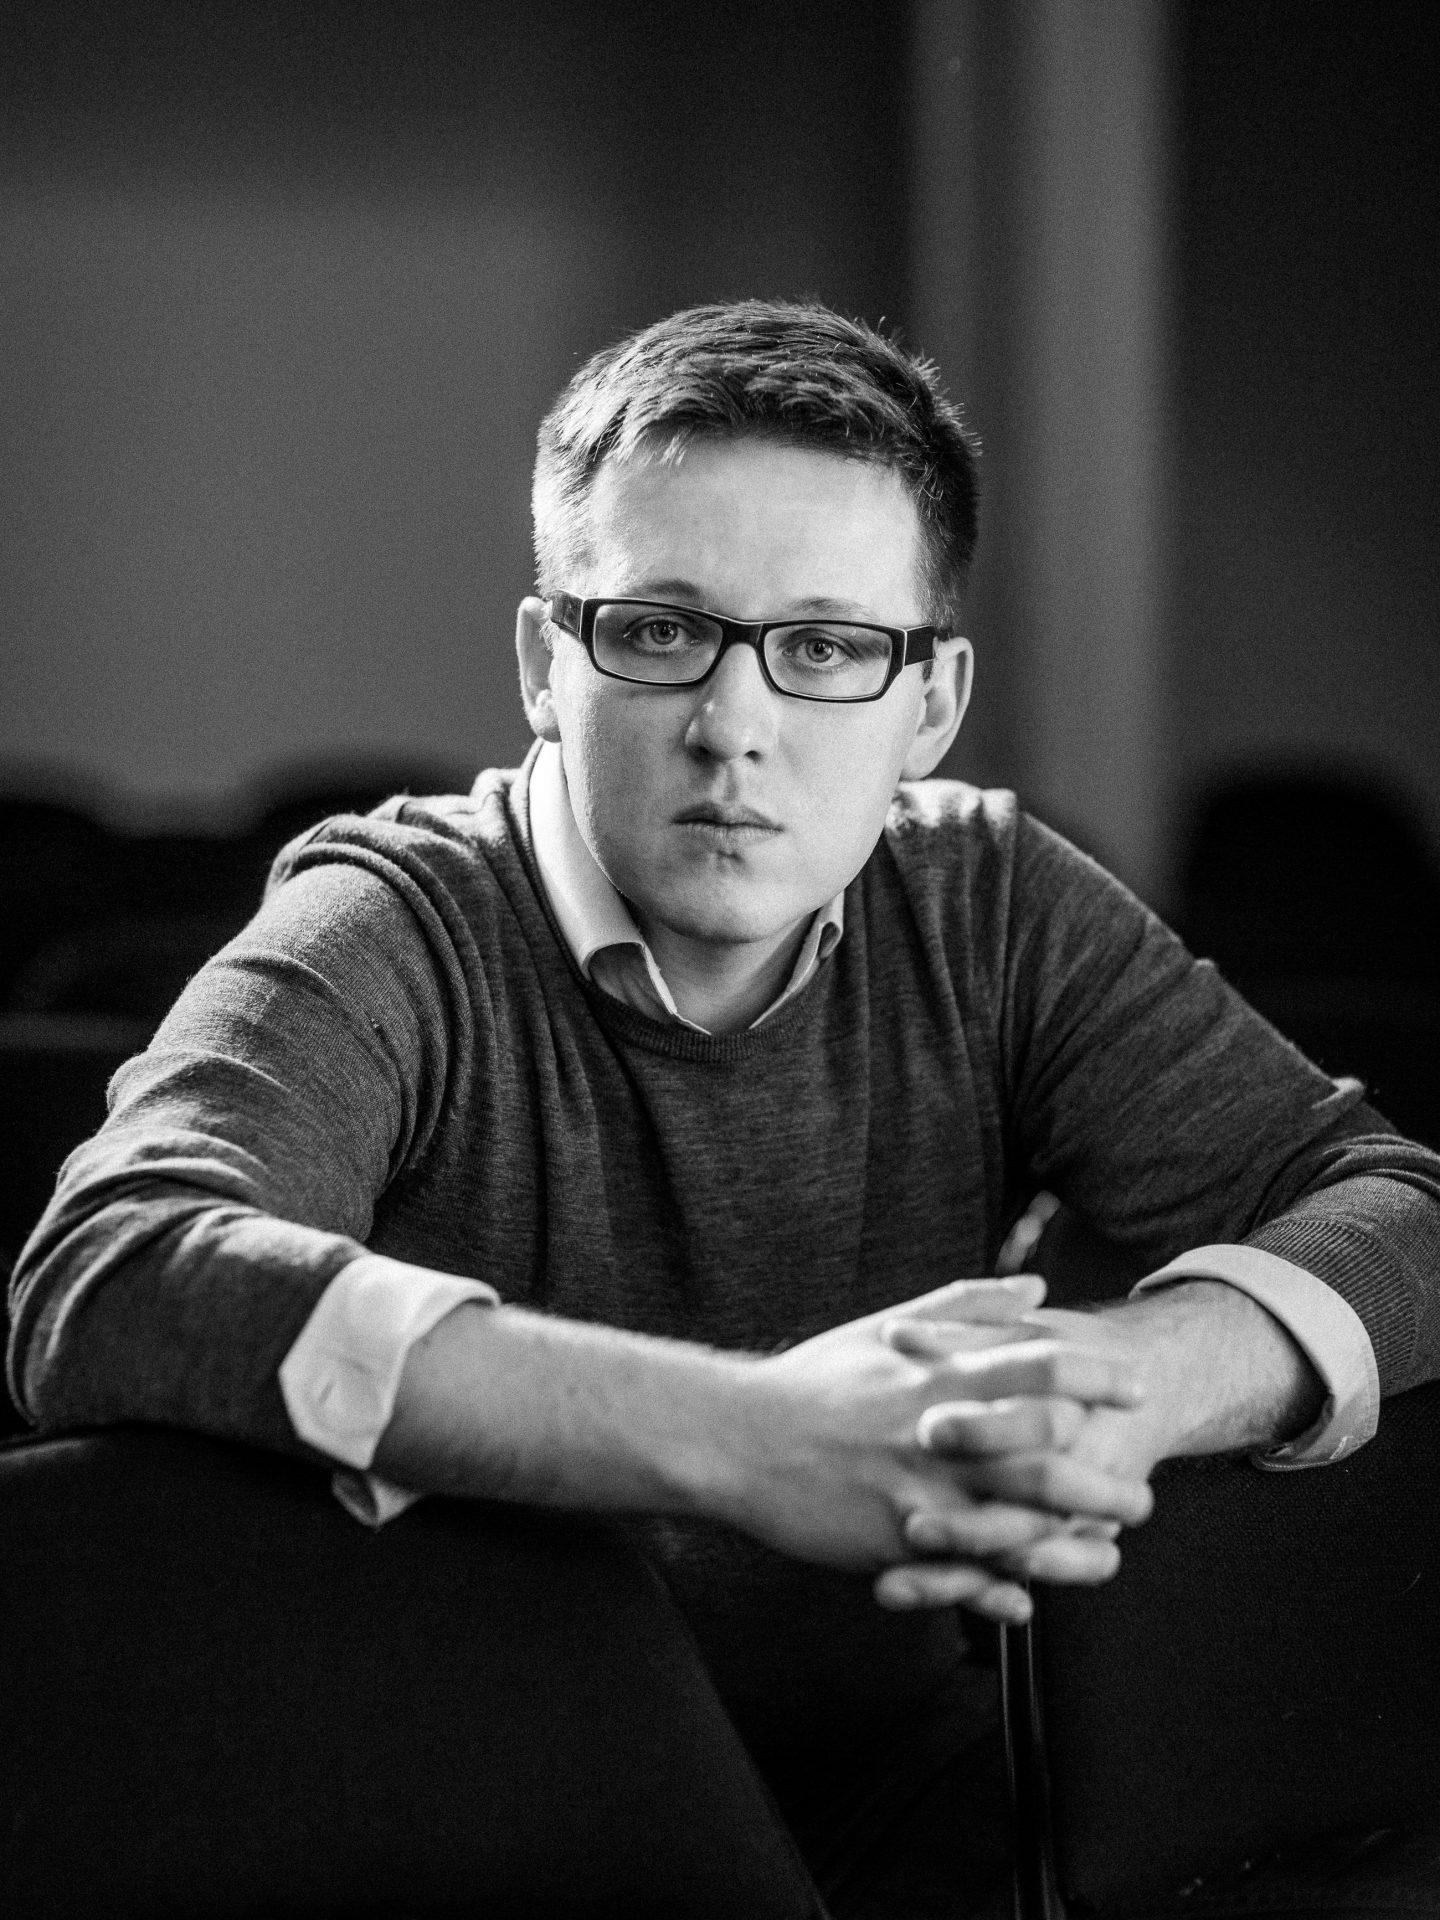 Tomasz Pokrzywiński